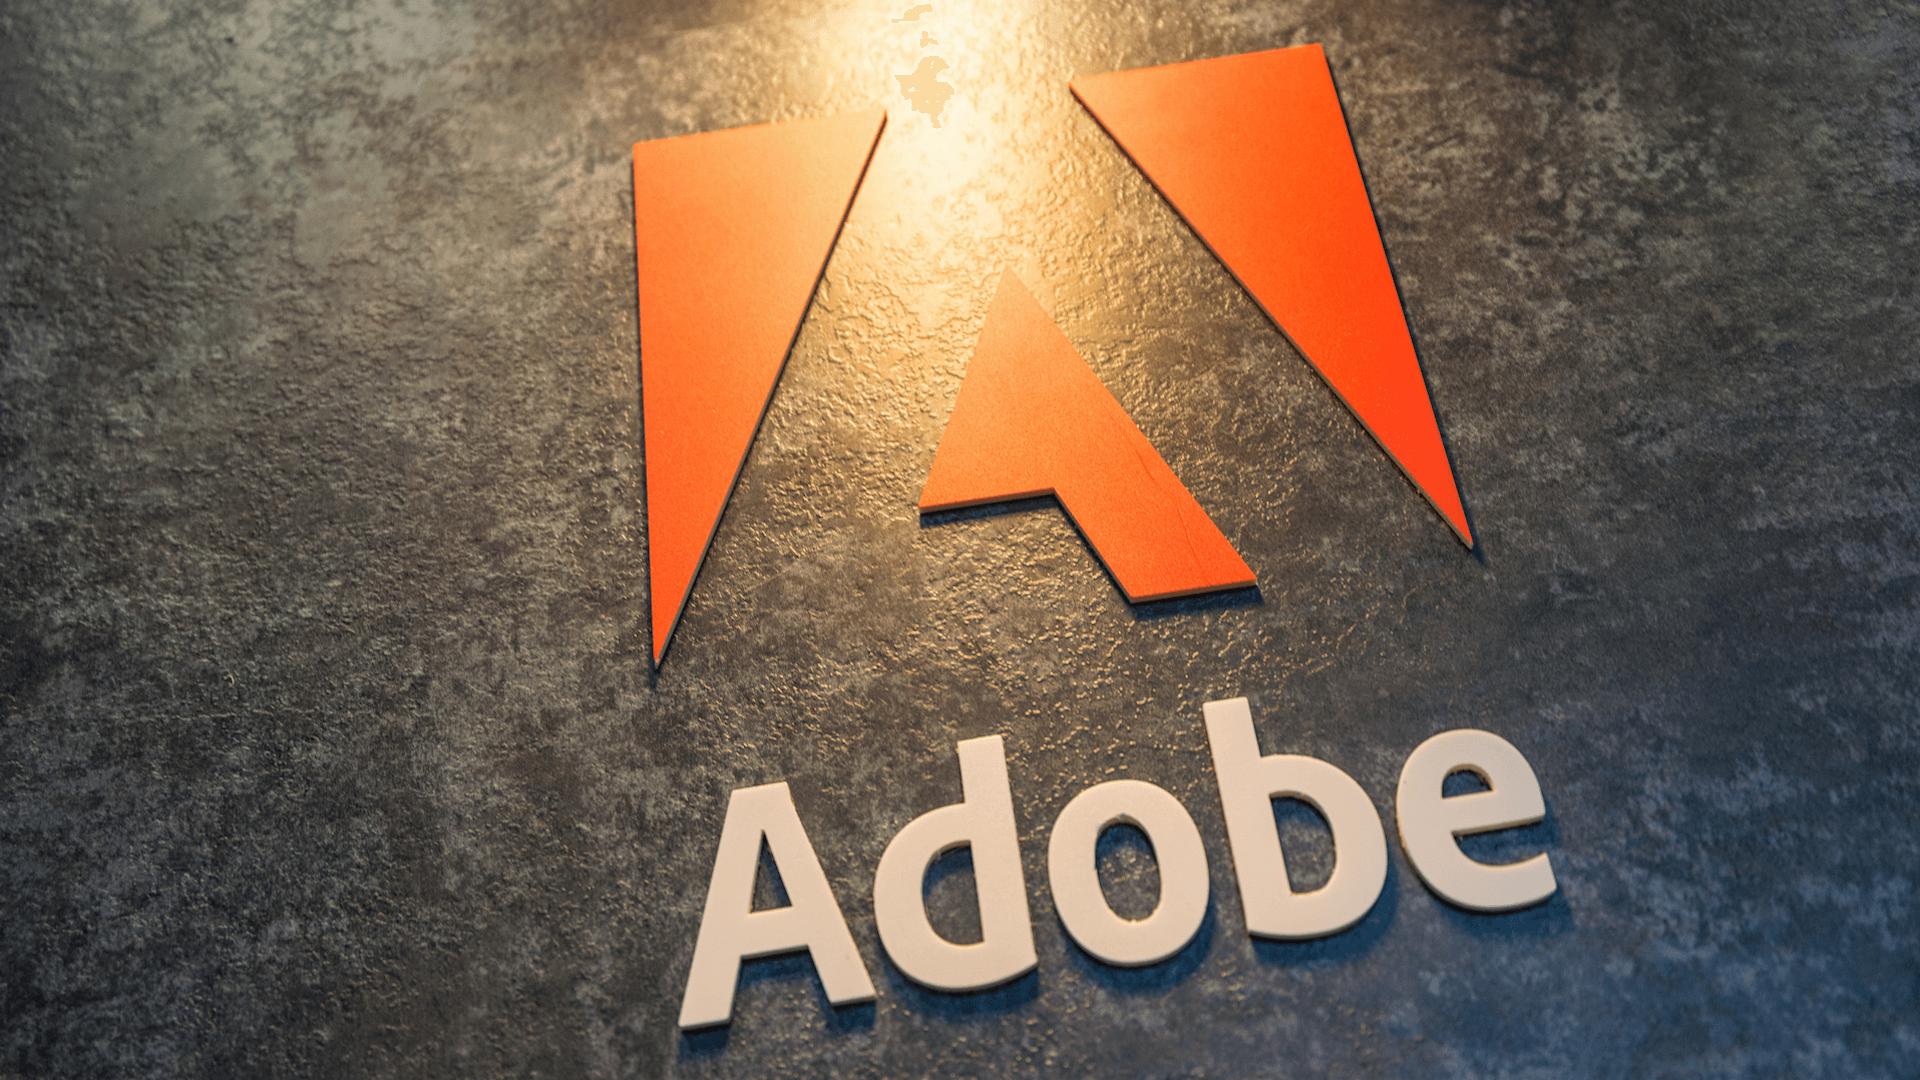 تصویر از Adobe Acrobat بزرگترین تغییر در نسل PDF خود را اعلام کرد.